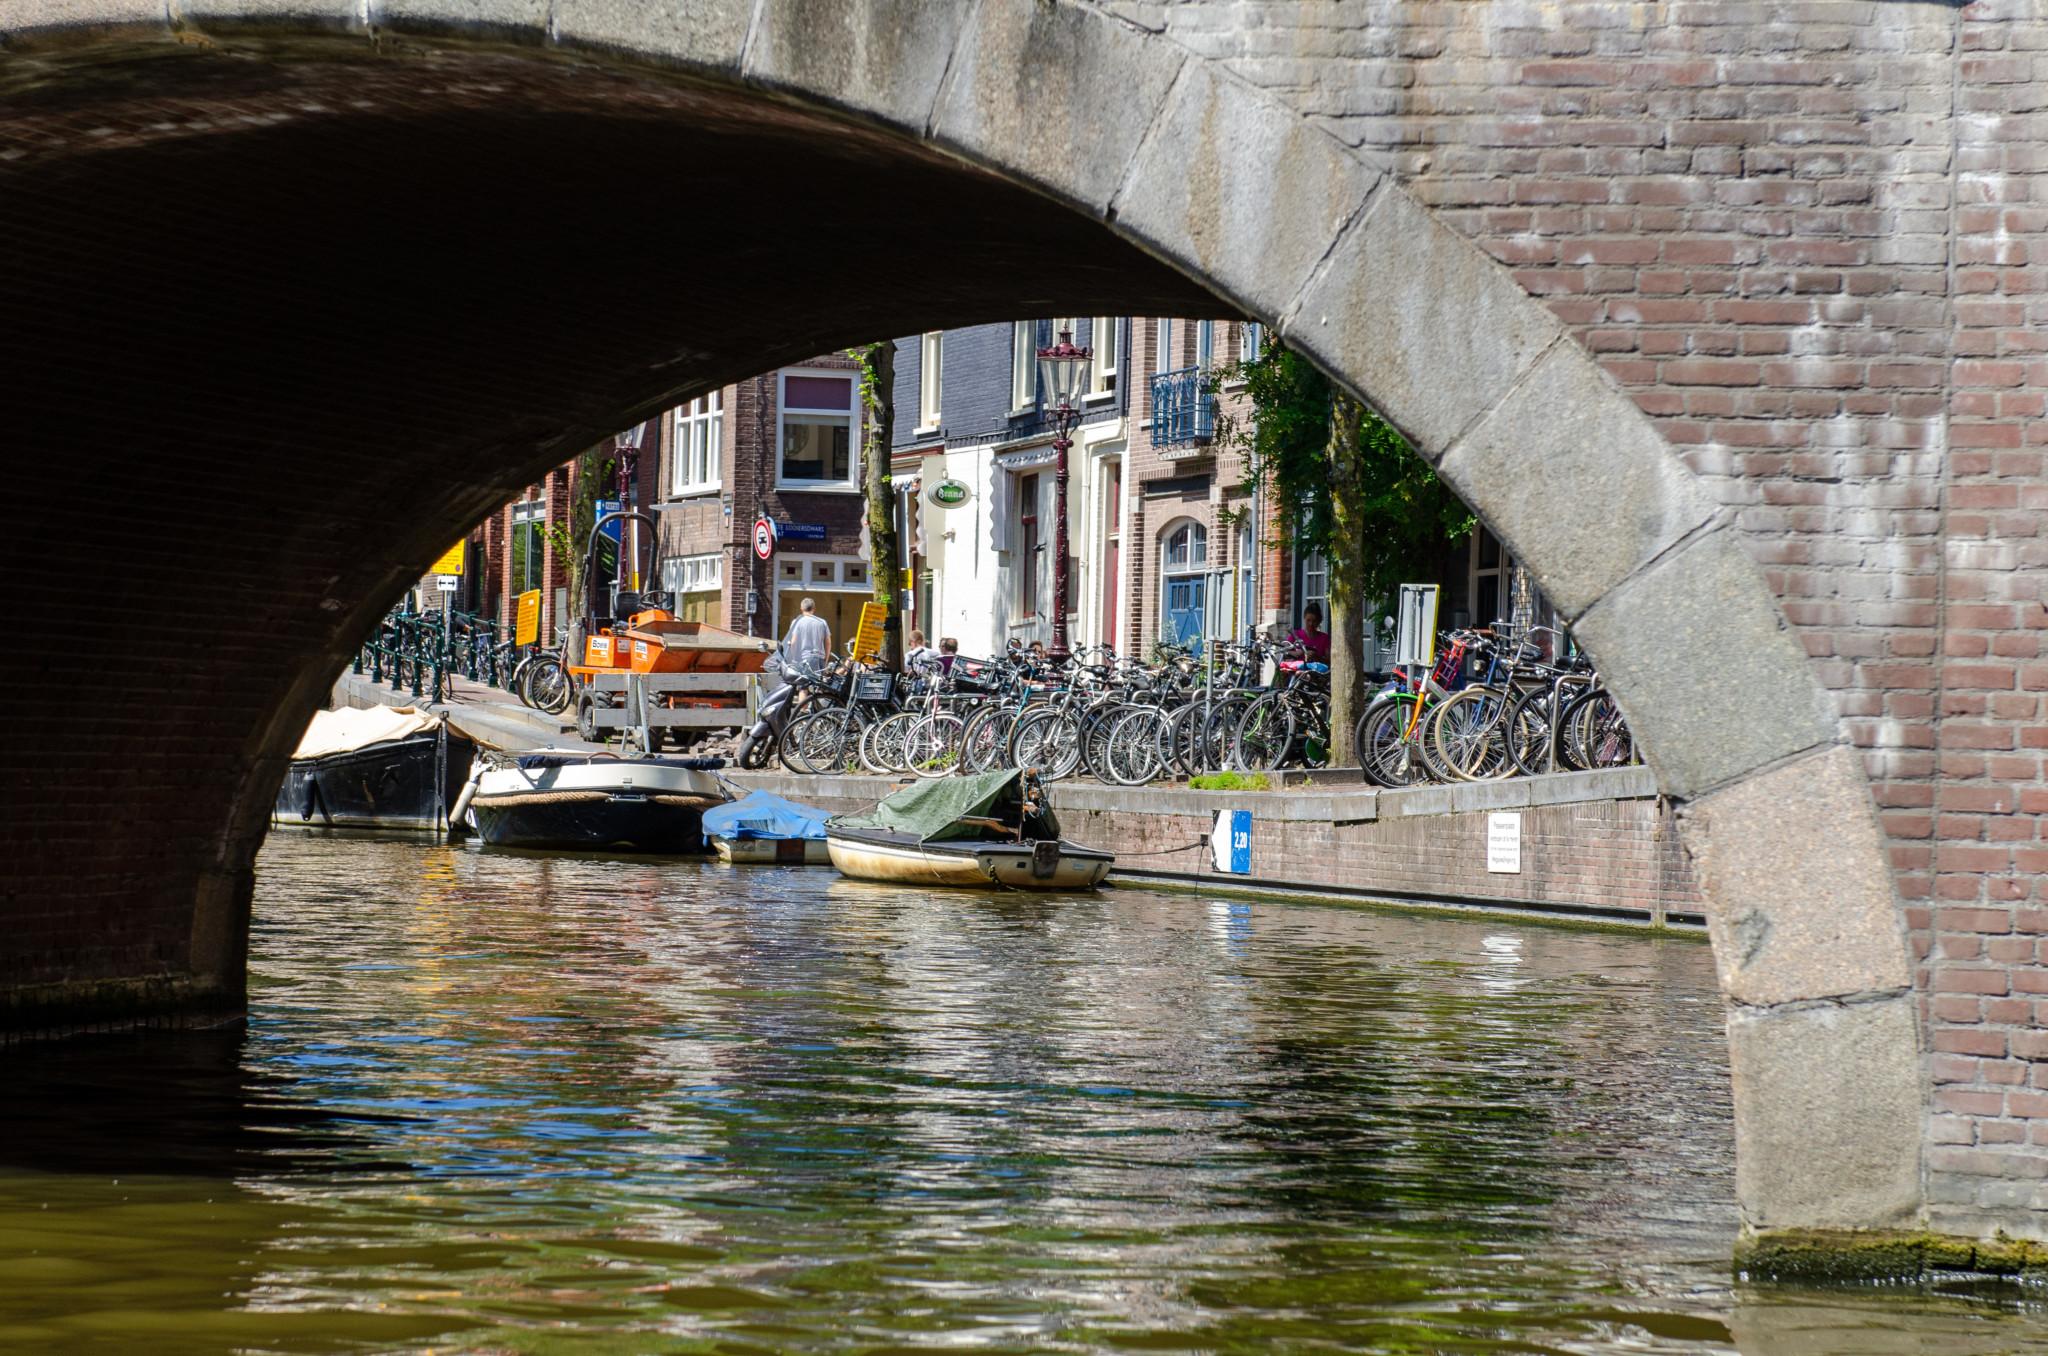 Durch die Grachten von Amsterdam